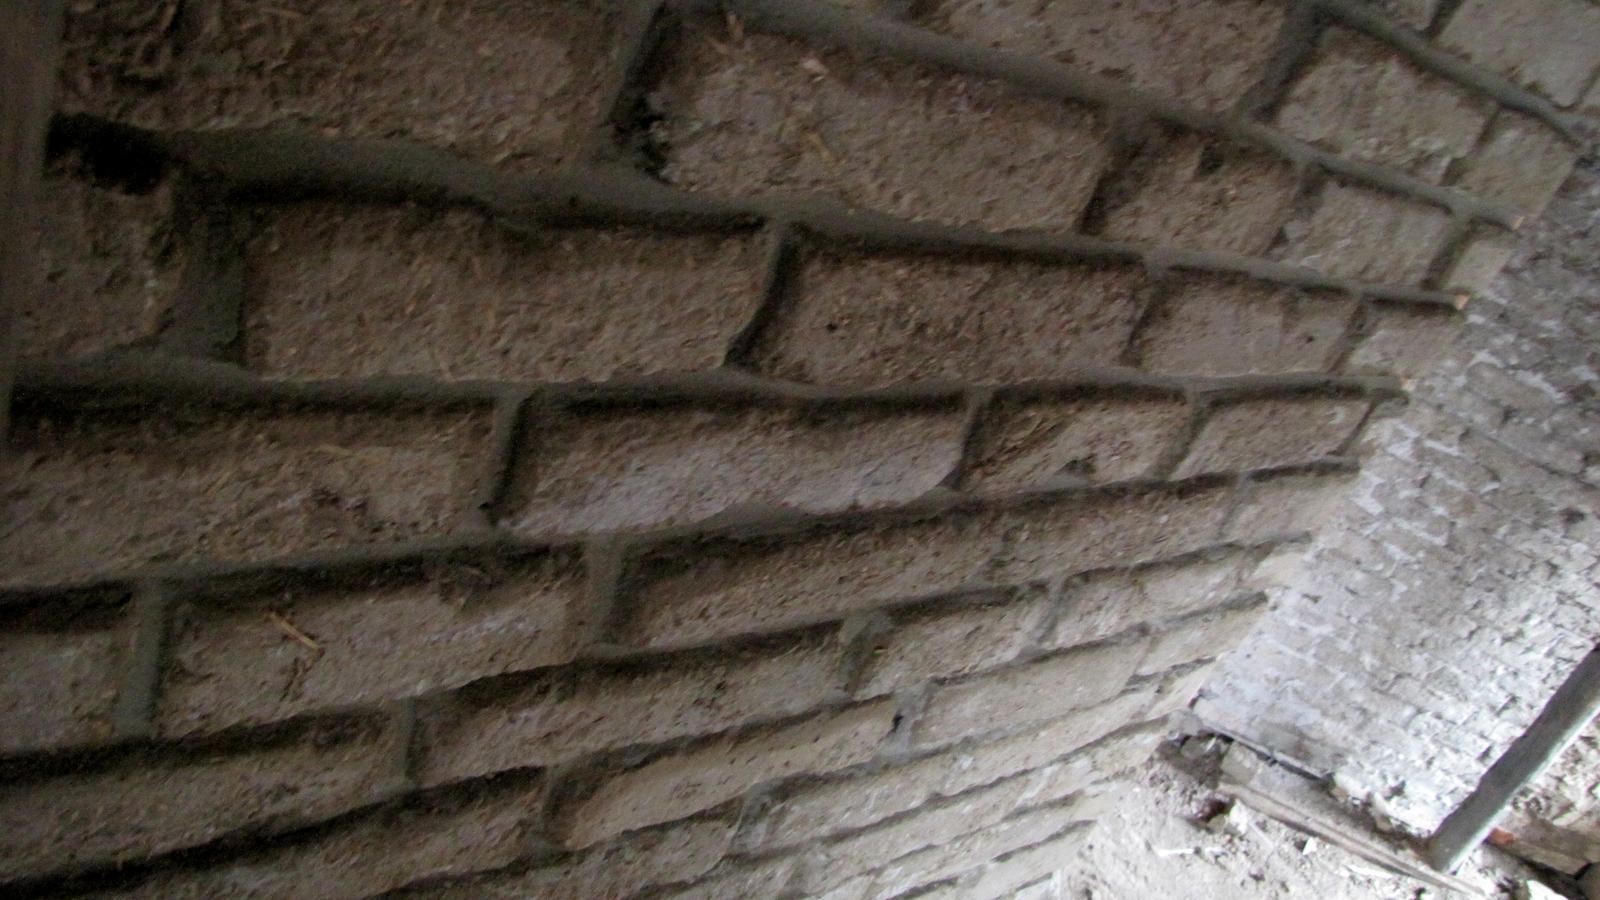 Rekonštrukcia starého domčeka - už sa to rysuje aj keď ešte nieje ukončená...